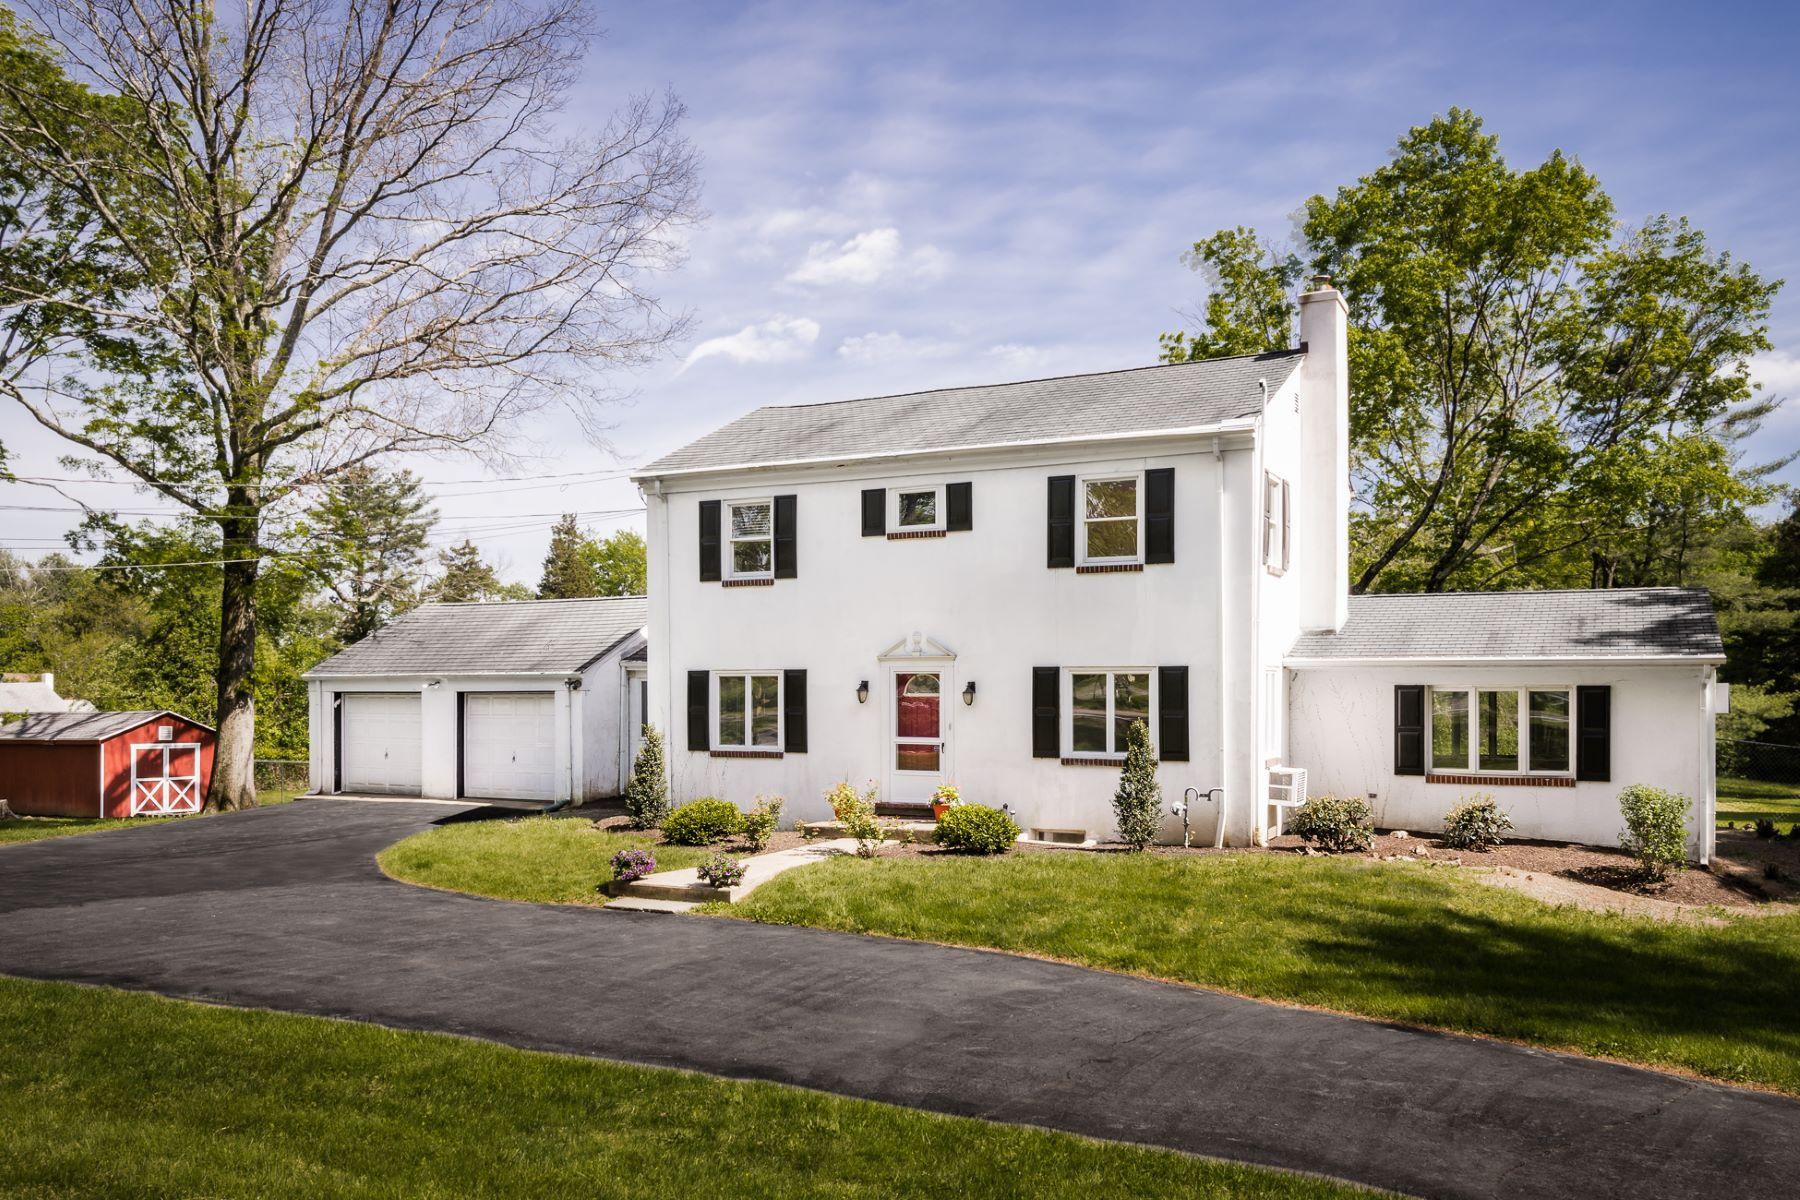 独户住宅 为 销售 在 A Beautiful Setting At Princeton's Edge - Lawrence Township 639 Rosedale Road 普林斯顿, 新泽西州, 08540 美国